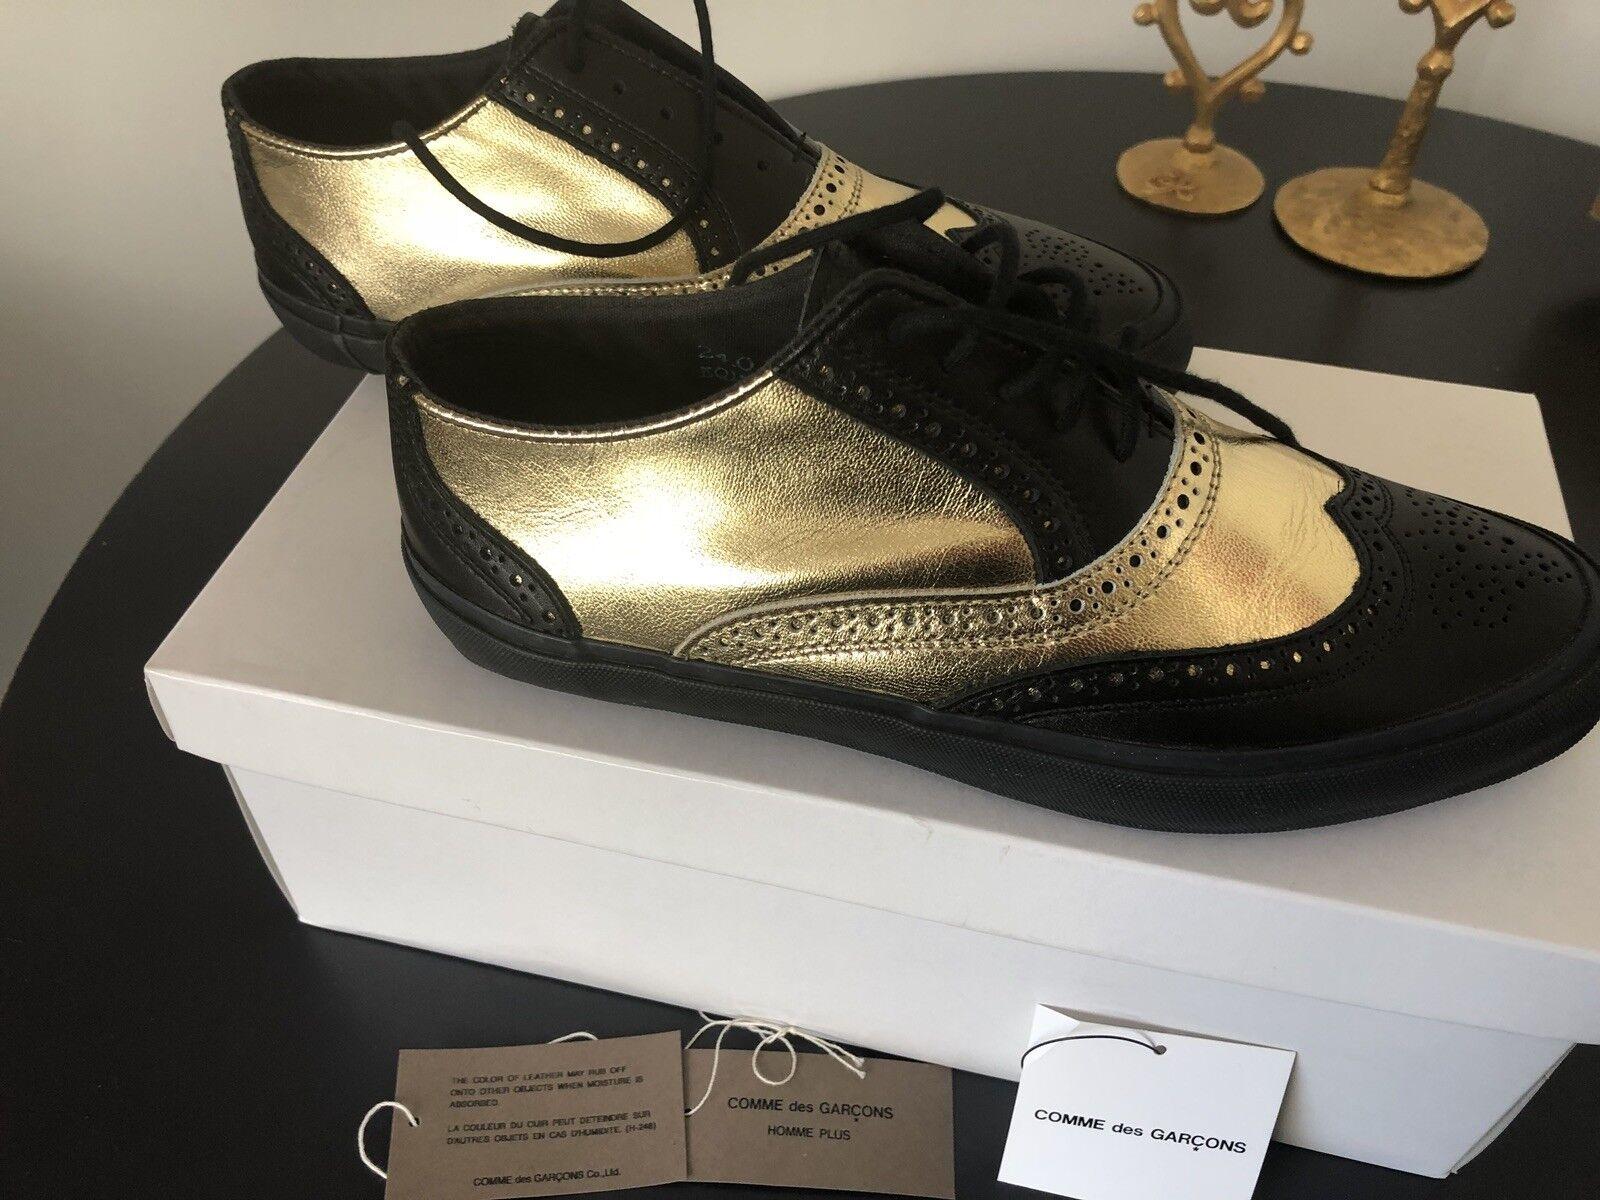 Comme des Garcons Homme Plus Black gold Leather Brogue Trainers sz 38 NEW 5.5 6